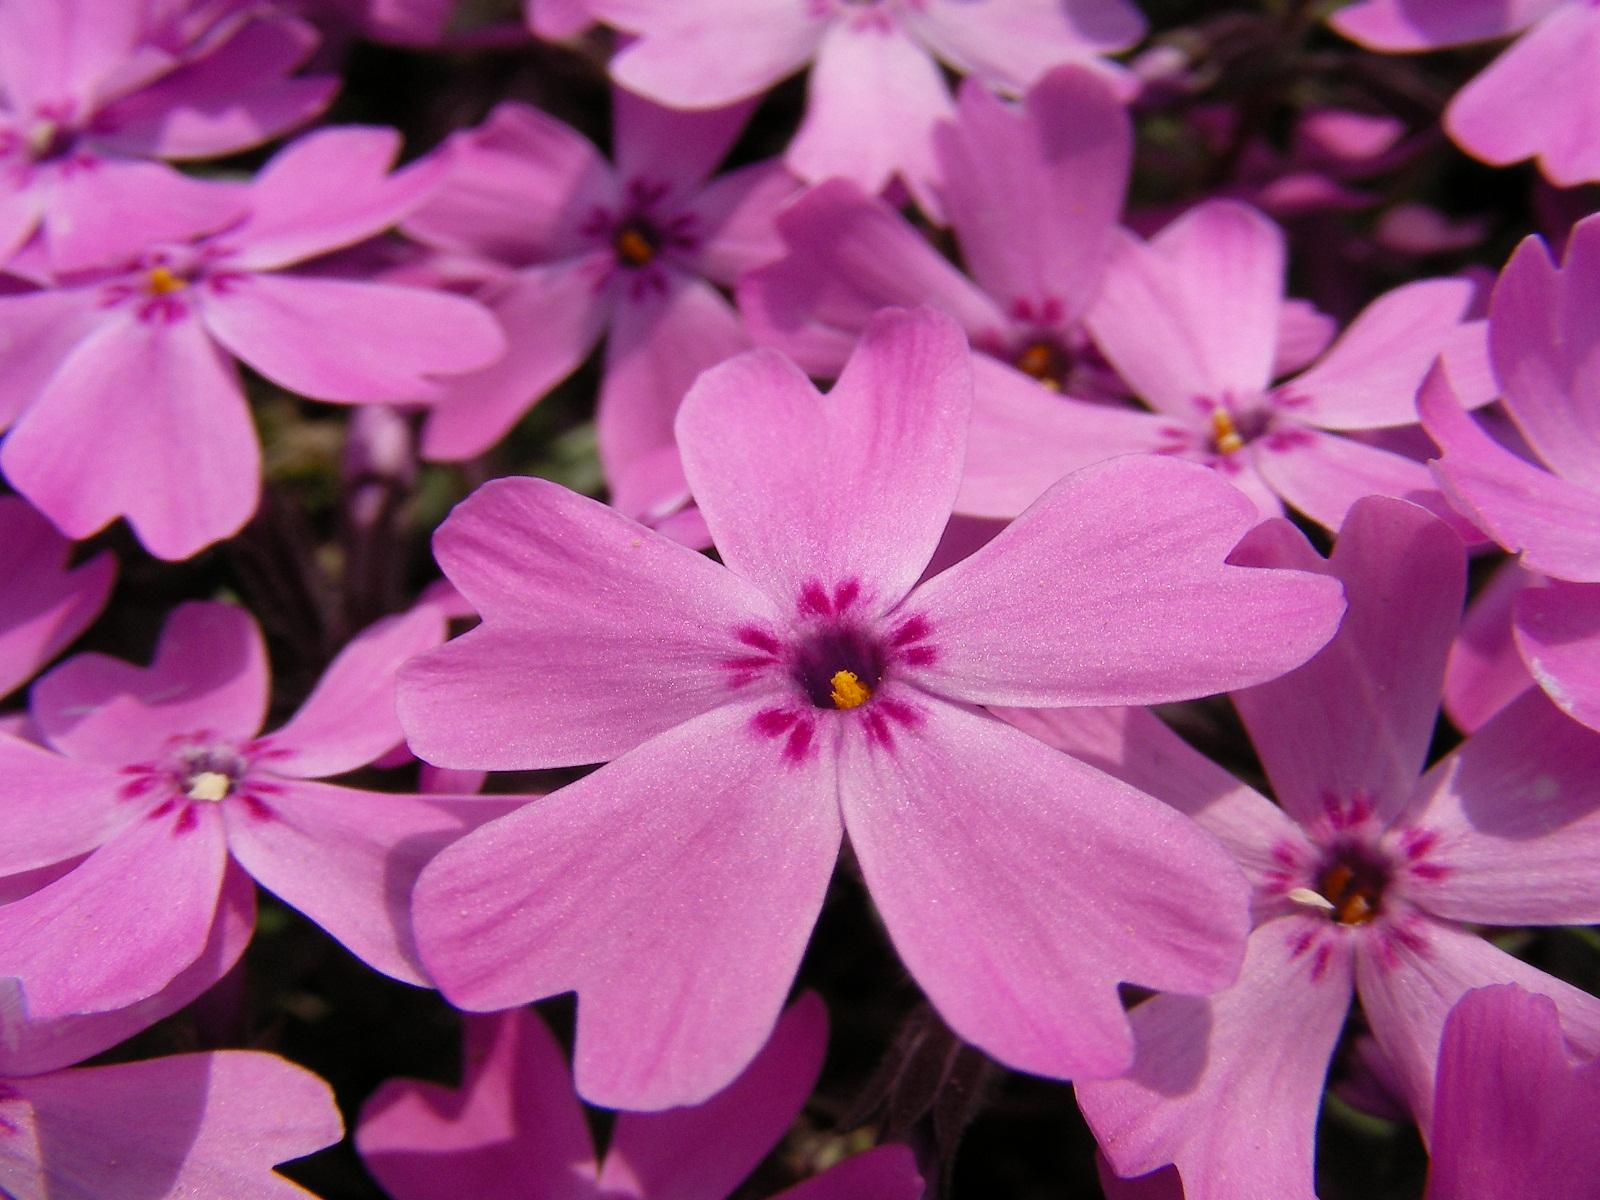 春には庭いっぱいに芝桜の絨毯♪芝桜ガーデニングしてみませんか?のサムネイル画像